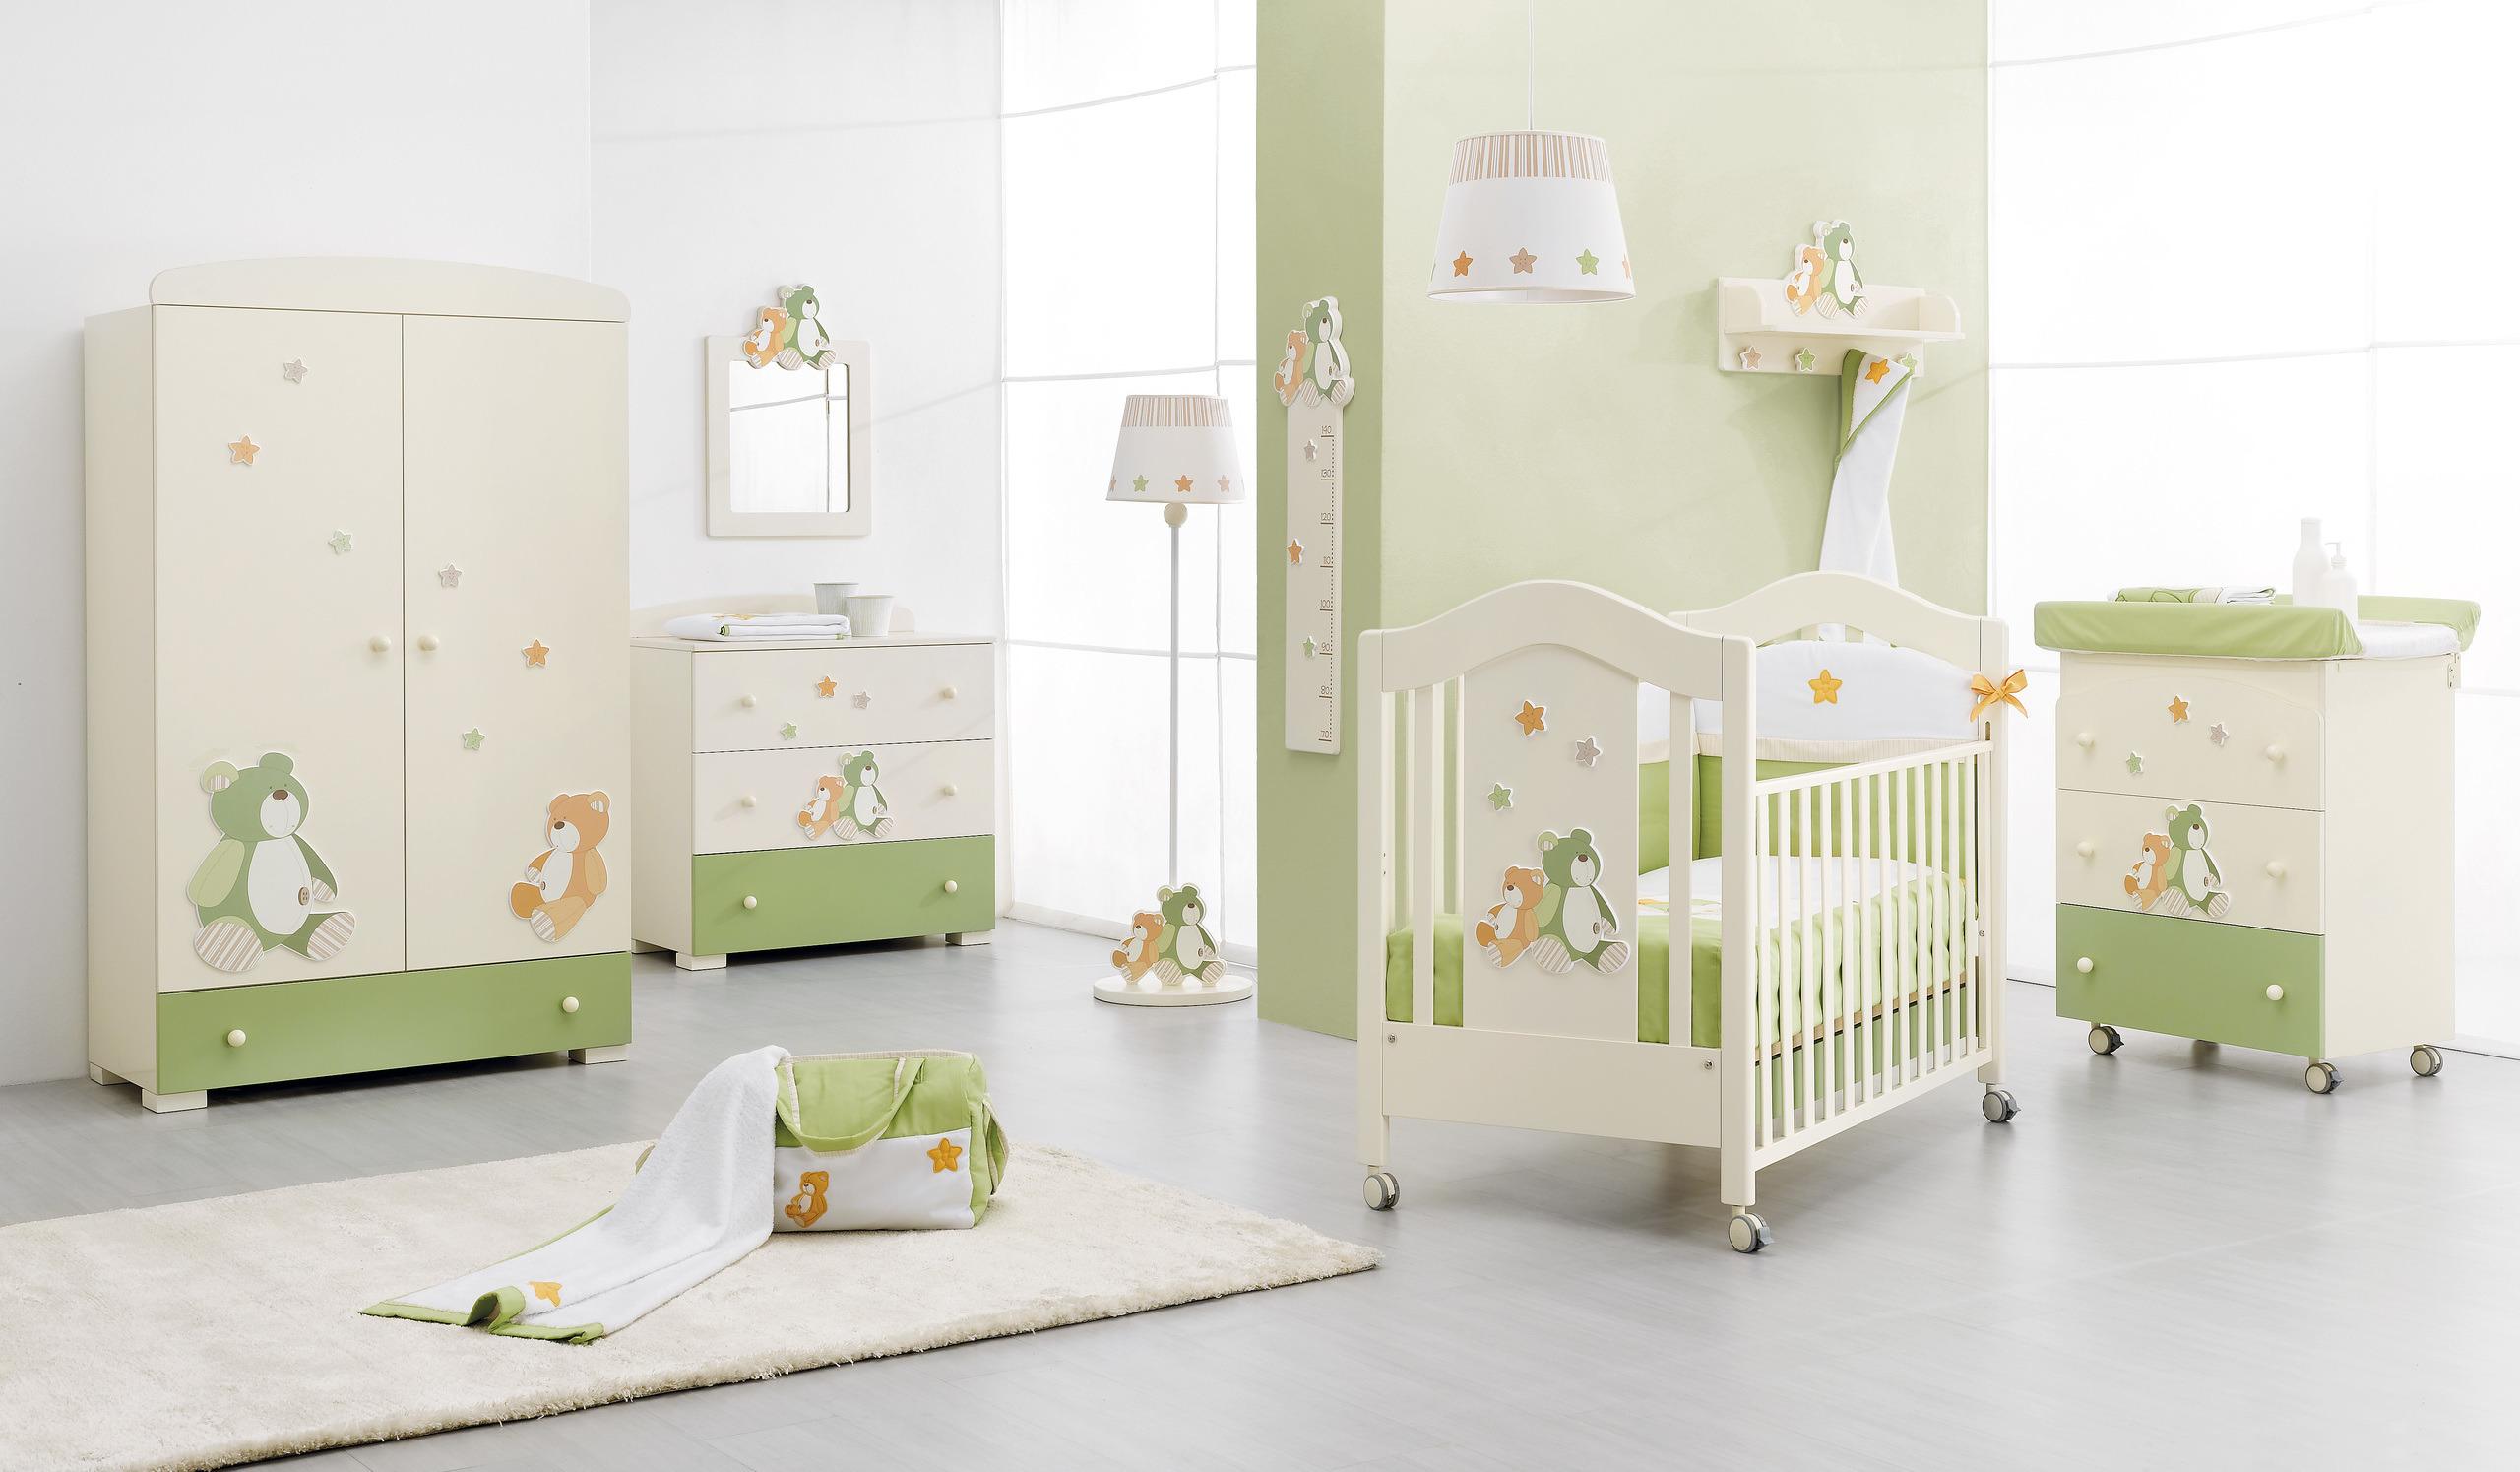 eb96ecf51988 Detské izby súčasnosti – JUiCE MAGAZIN